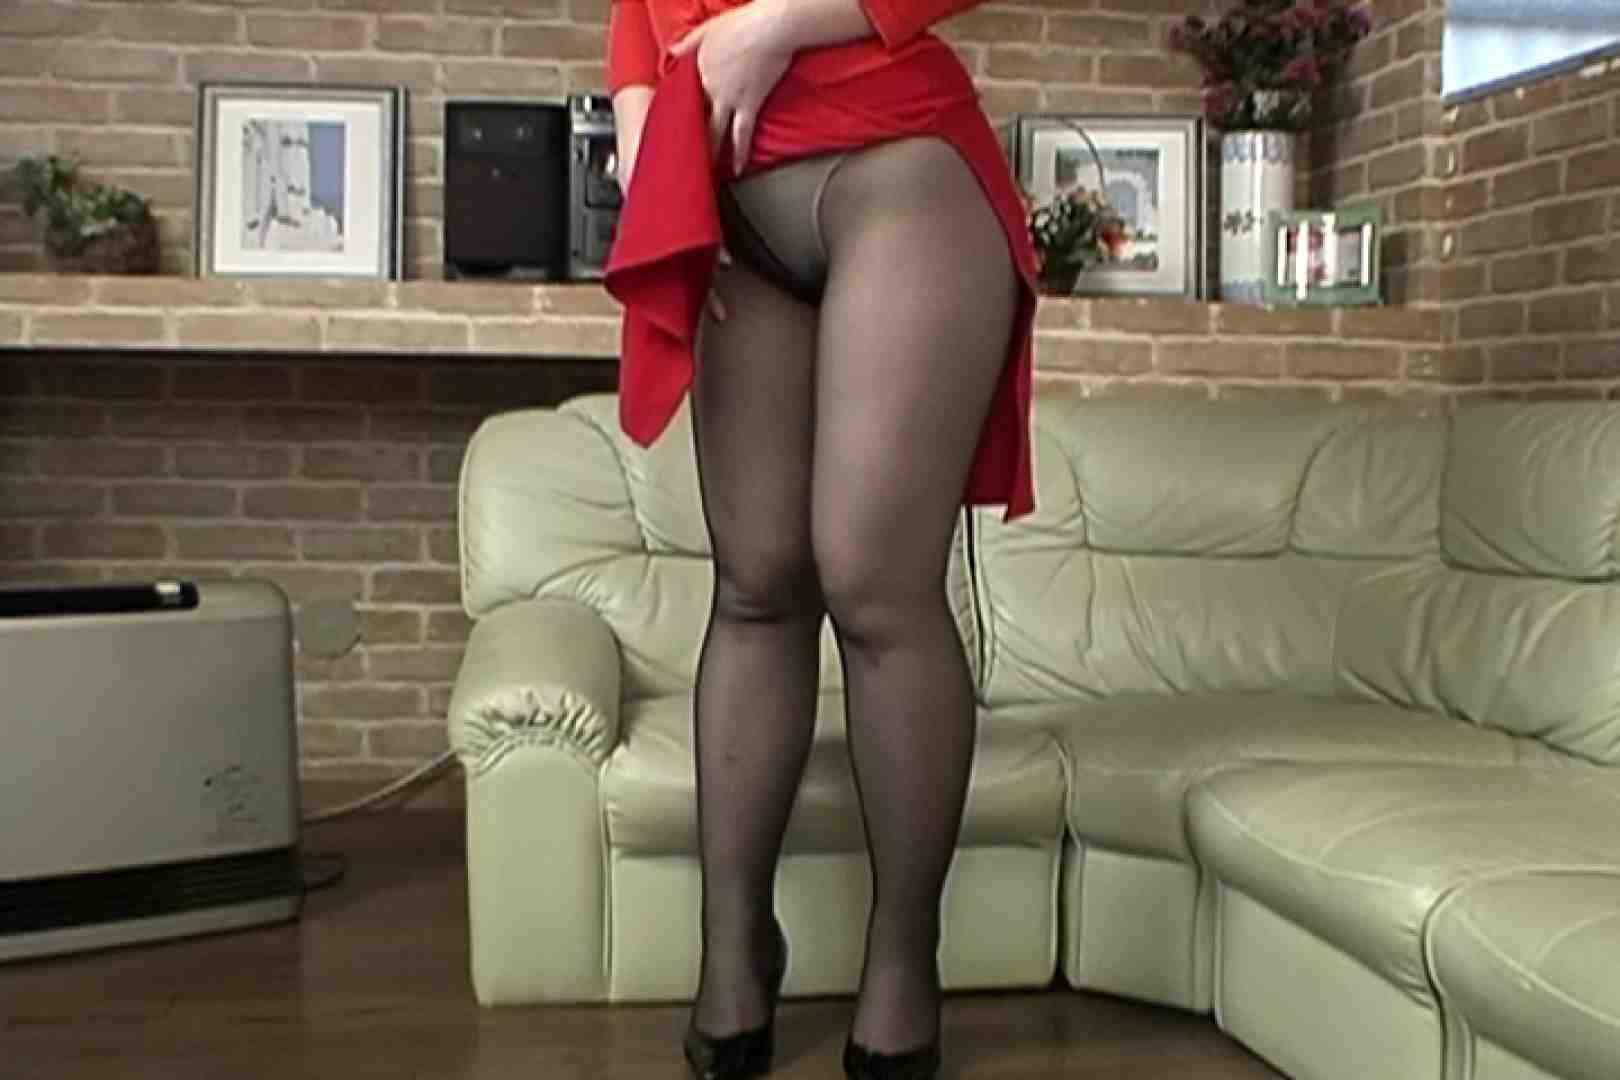 昼間の奥様は欲求不満 ~谷川友子~ おっぱい大好き  92pic 42